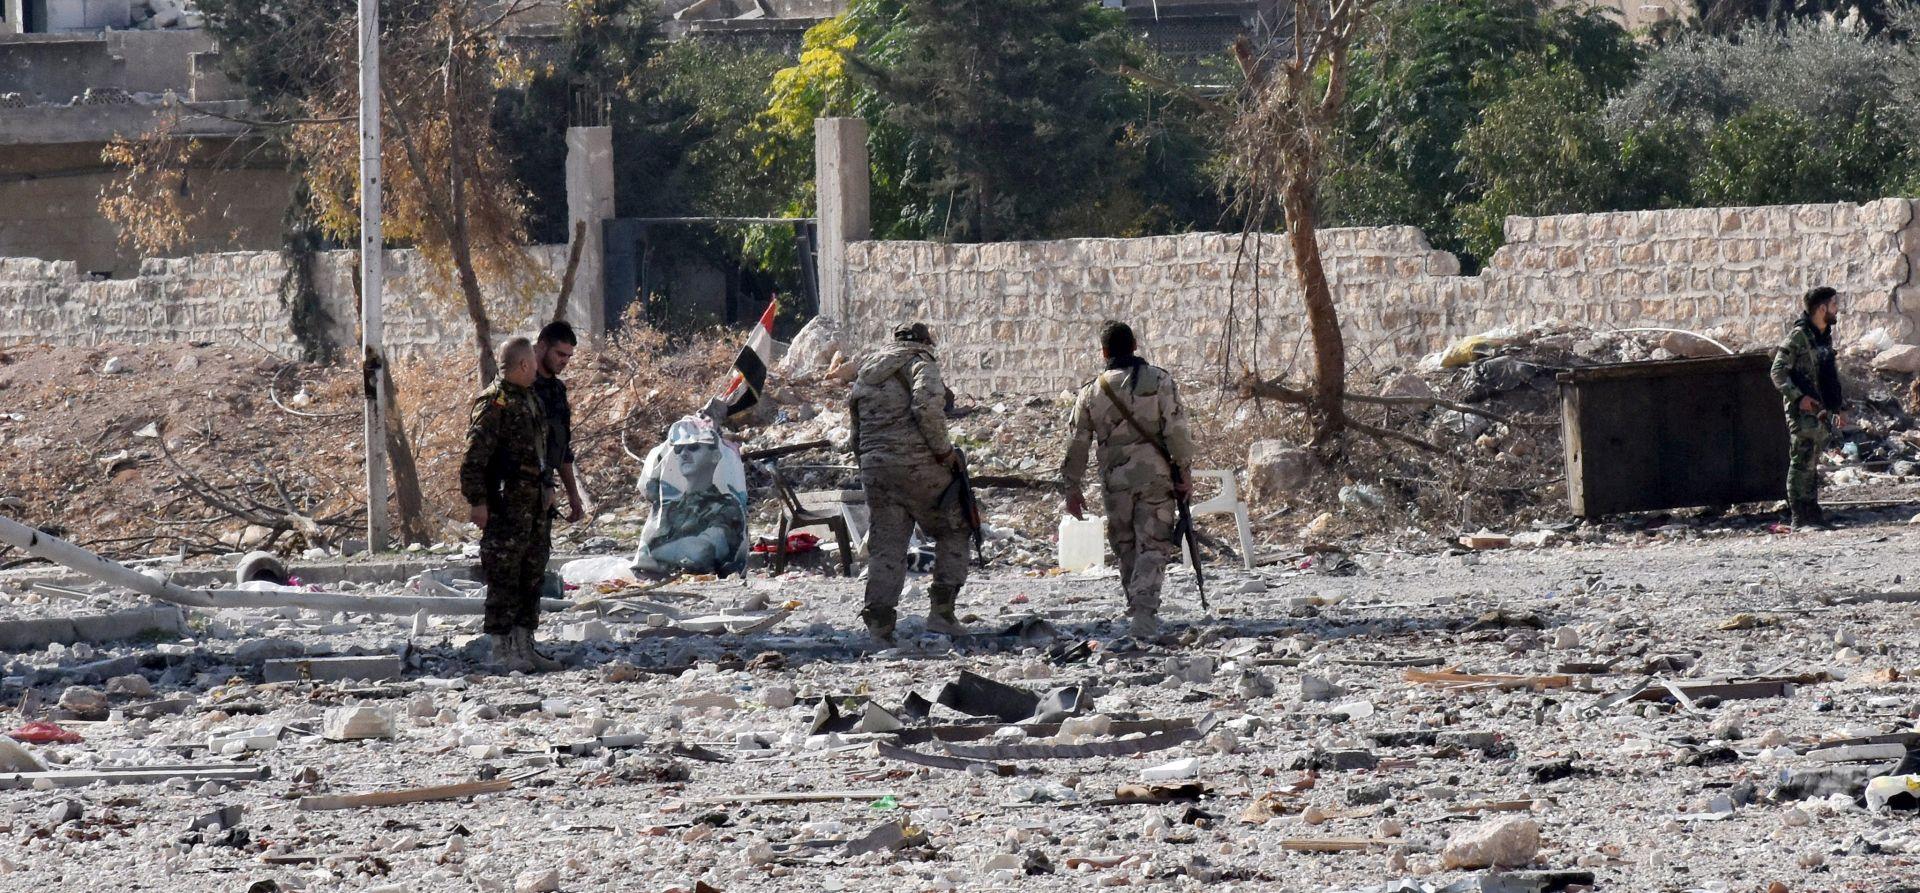 NAPREDAK OFENZIVE: Sirijski režim kontrolira više od polovice pobunjeničkog dijela Alepa